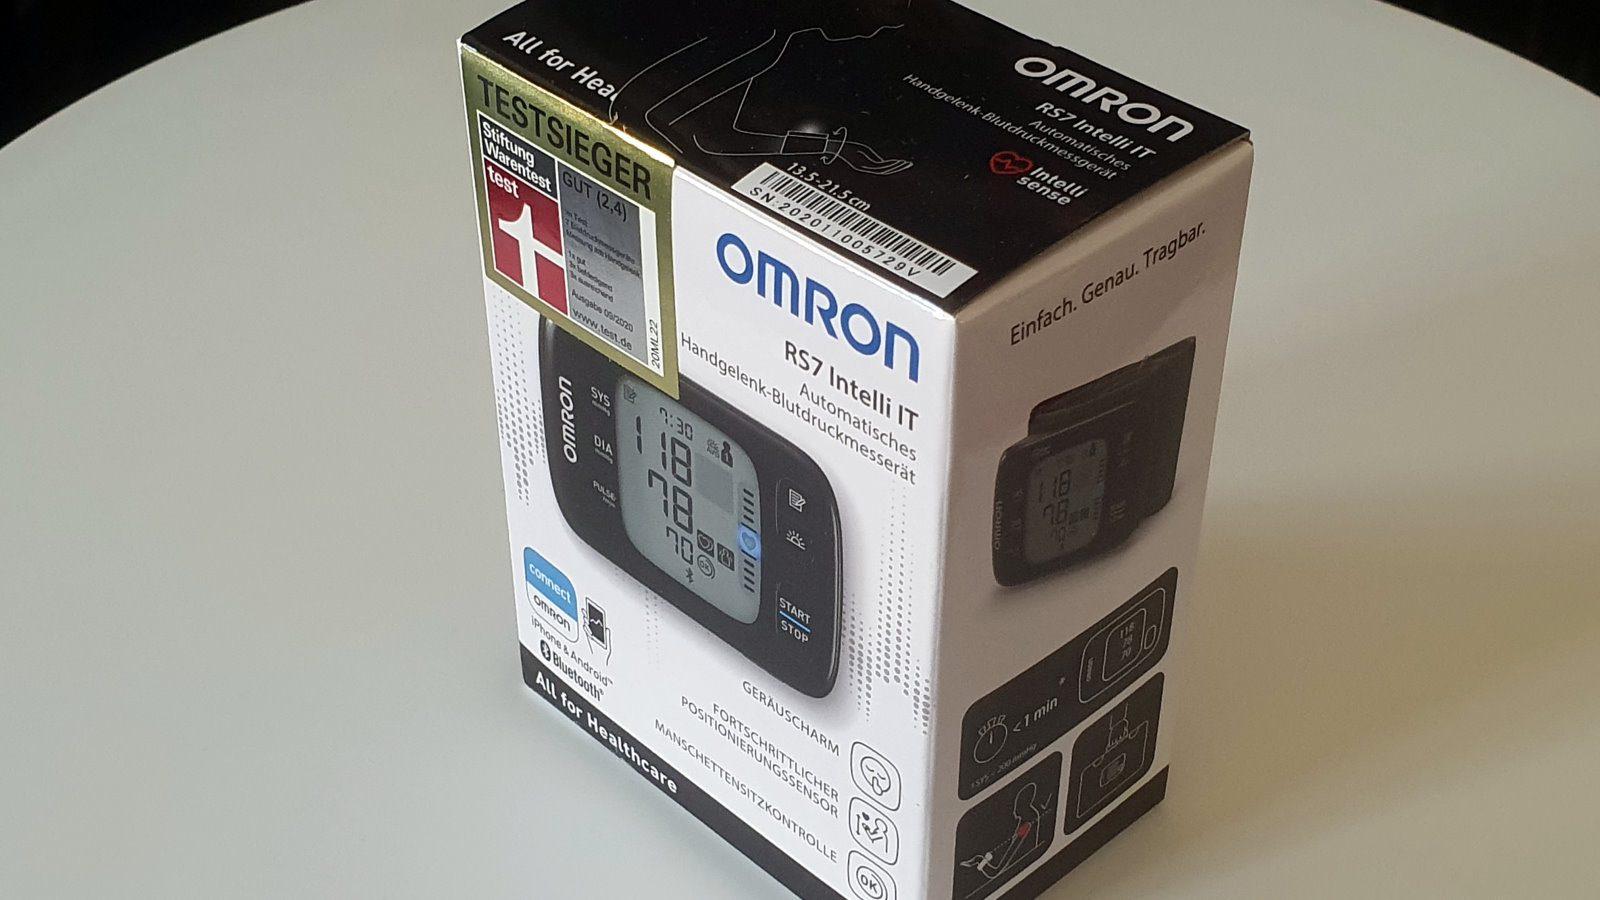 Omron RS7 Intelli IT Blutdruckmessgerät